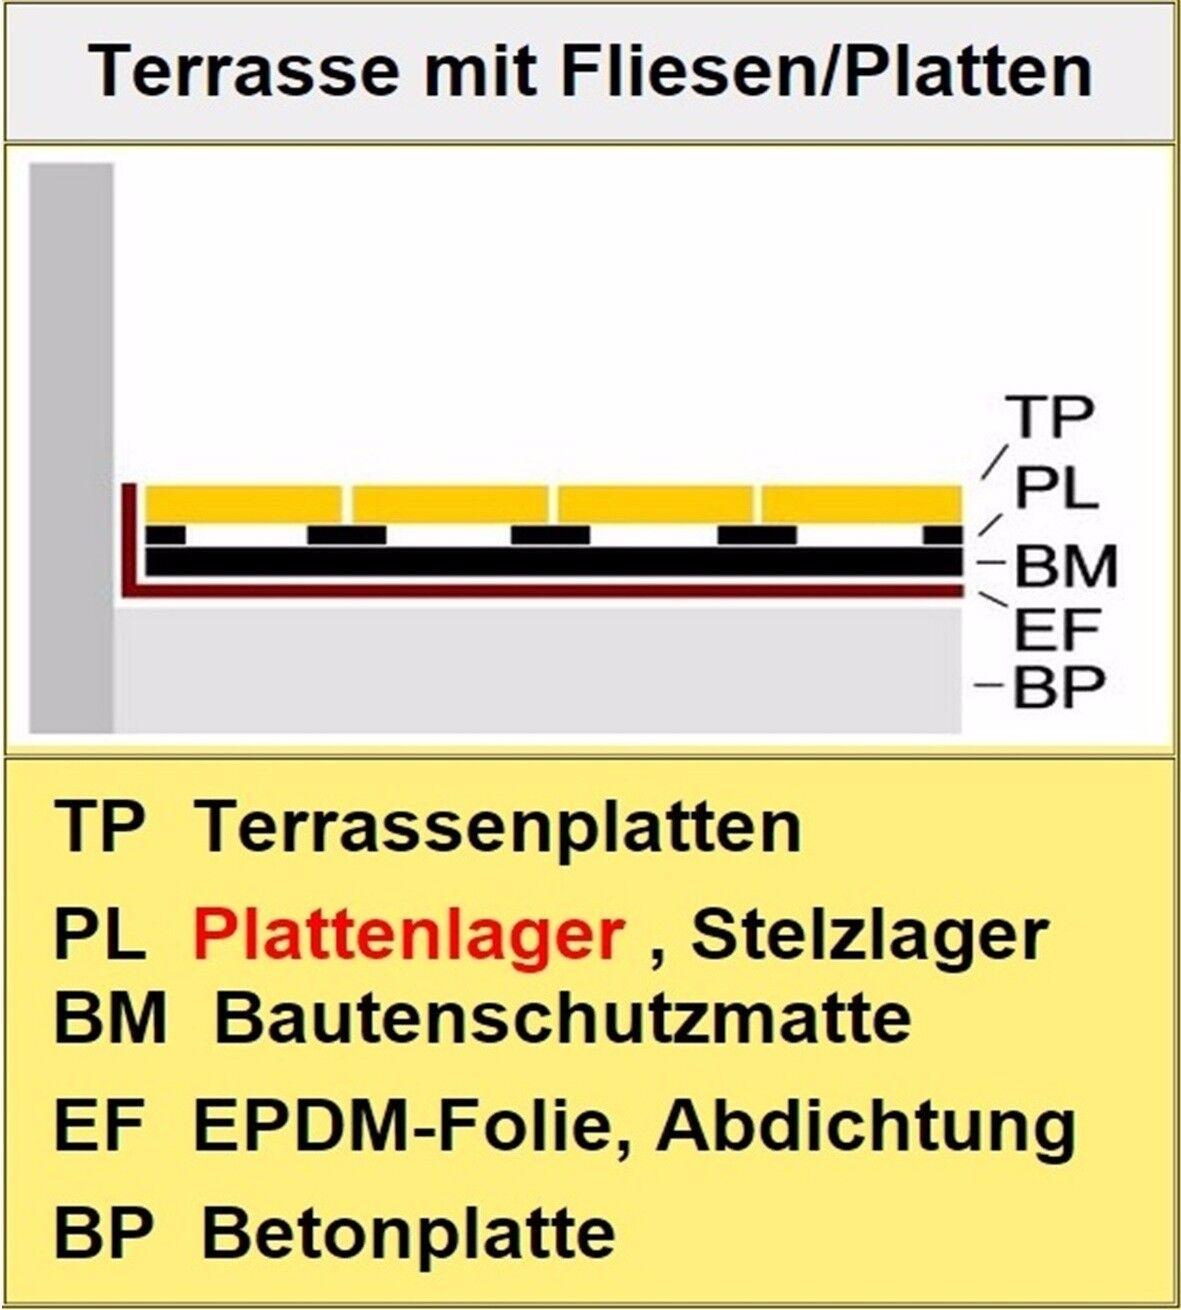 49 Plattenlager Stelzlager Stelzlager Stelzlager 5mm hoch Terrassenlager verstellbar kaufen ddde :n 70f56b